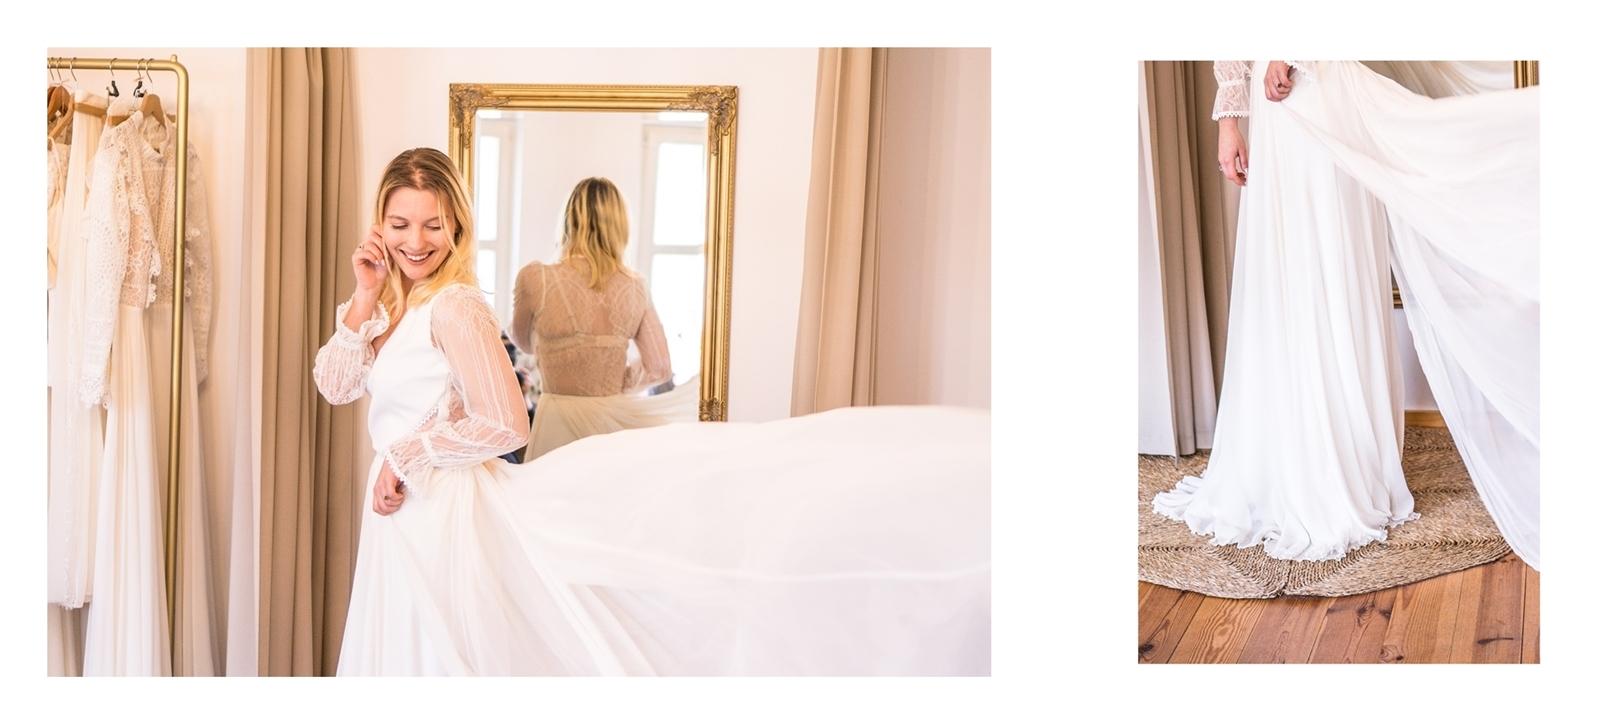 19 suknia ślubna długi rękaw dla puszystych dla rozwódki dekolt b do kolan dla gruszki do kostek dla wysokiej duże rozmiary dla starszej osoby boho rustykalne koronkowe i jedwabne poznań